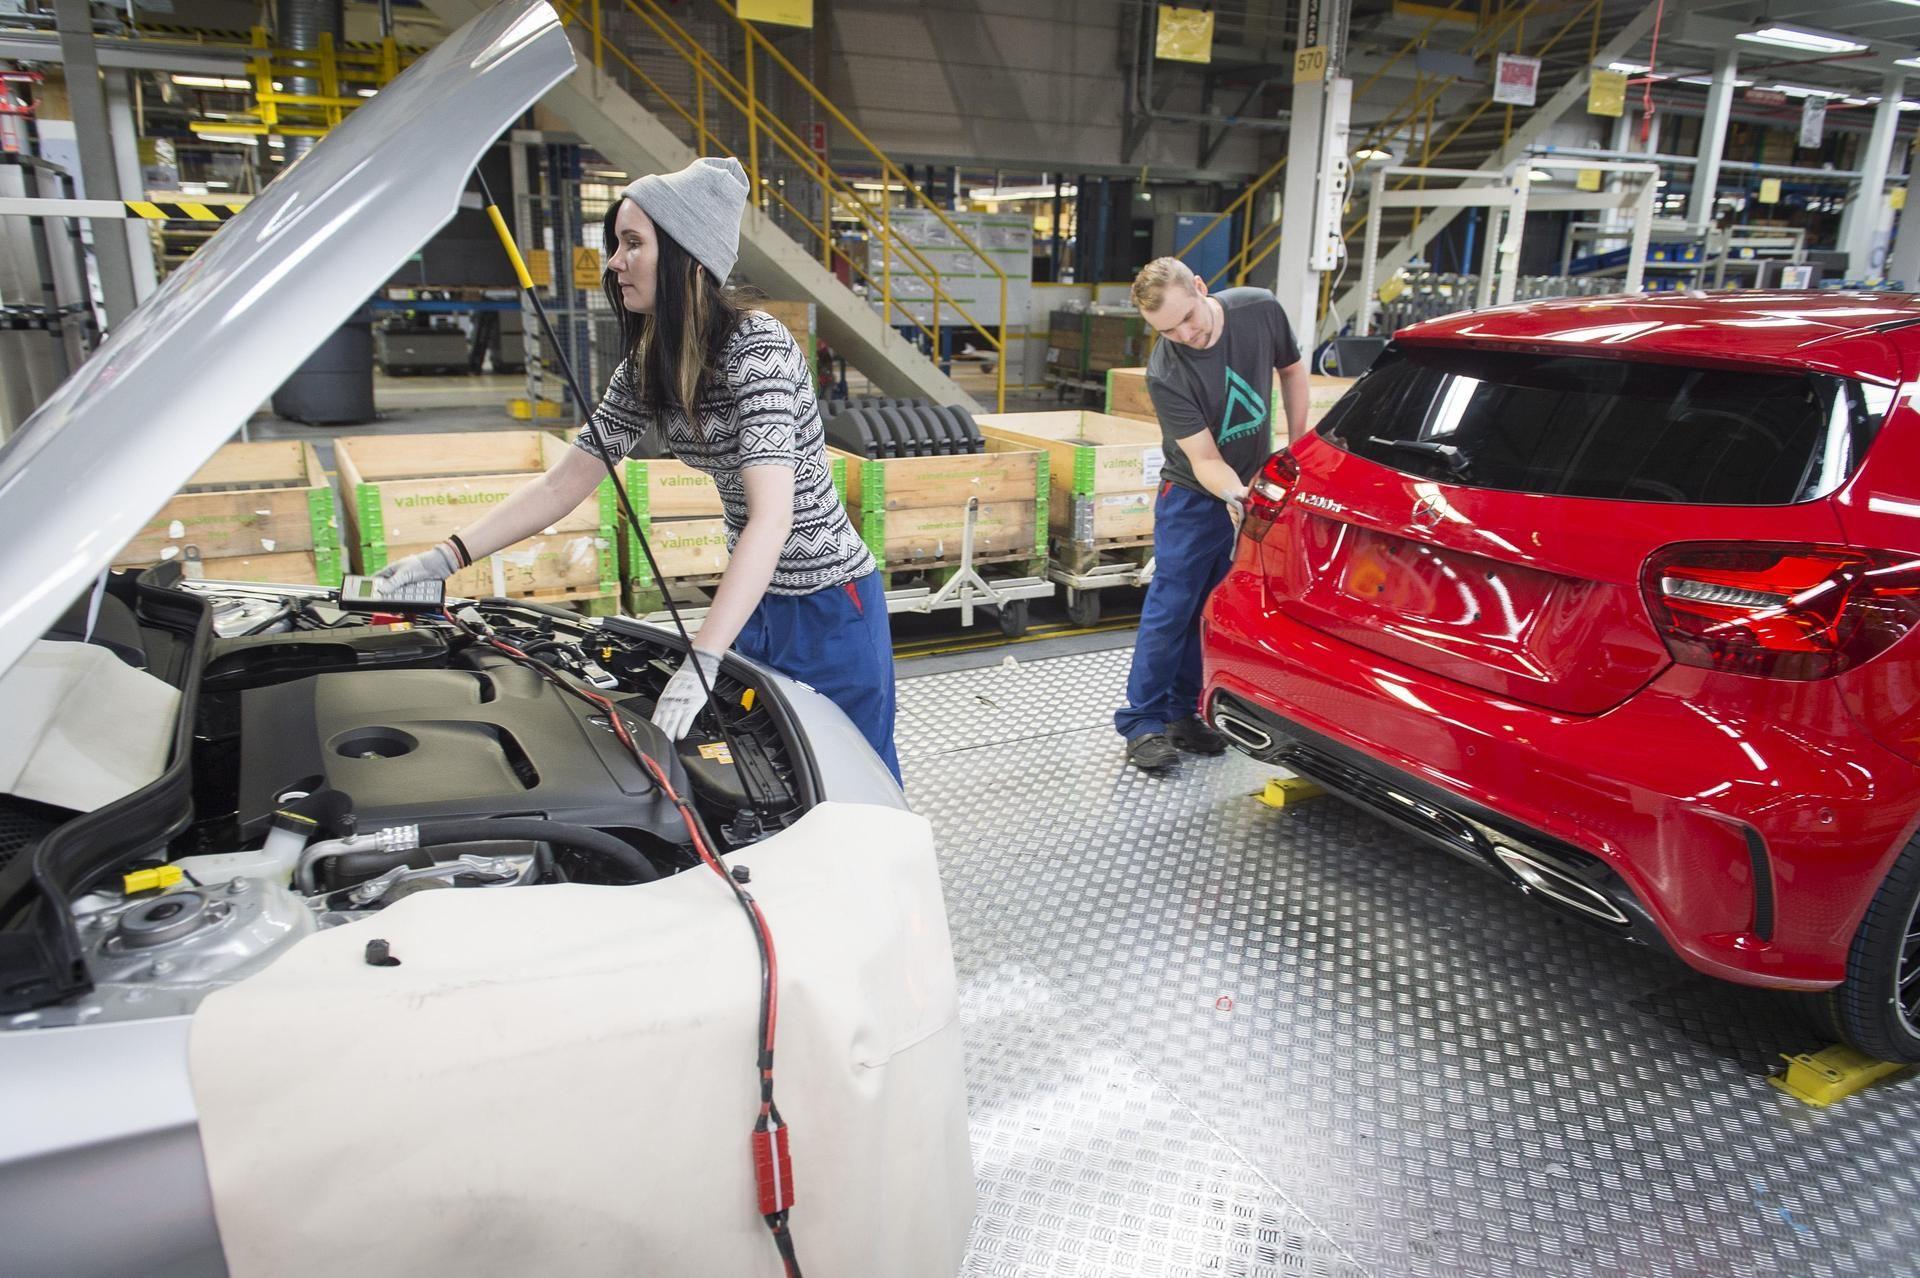 Uudenkaupungin autotehdas on puskenut valmiita autoja tänä vuonna keskimäärin noin tuhat viikossa, enemmän kuin milloinkaan aikaisemmin.